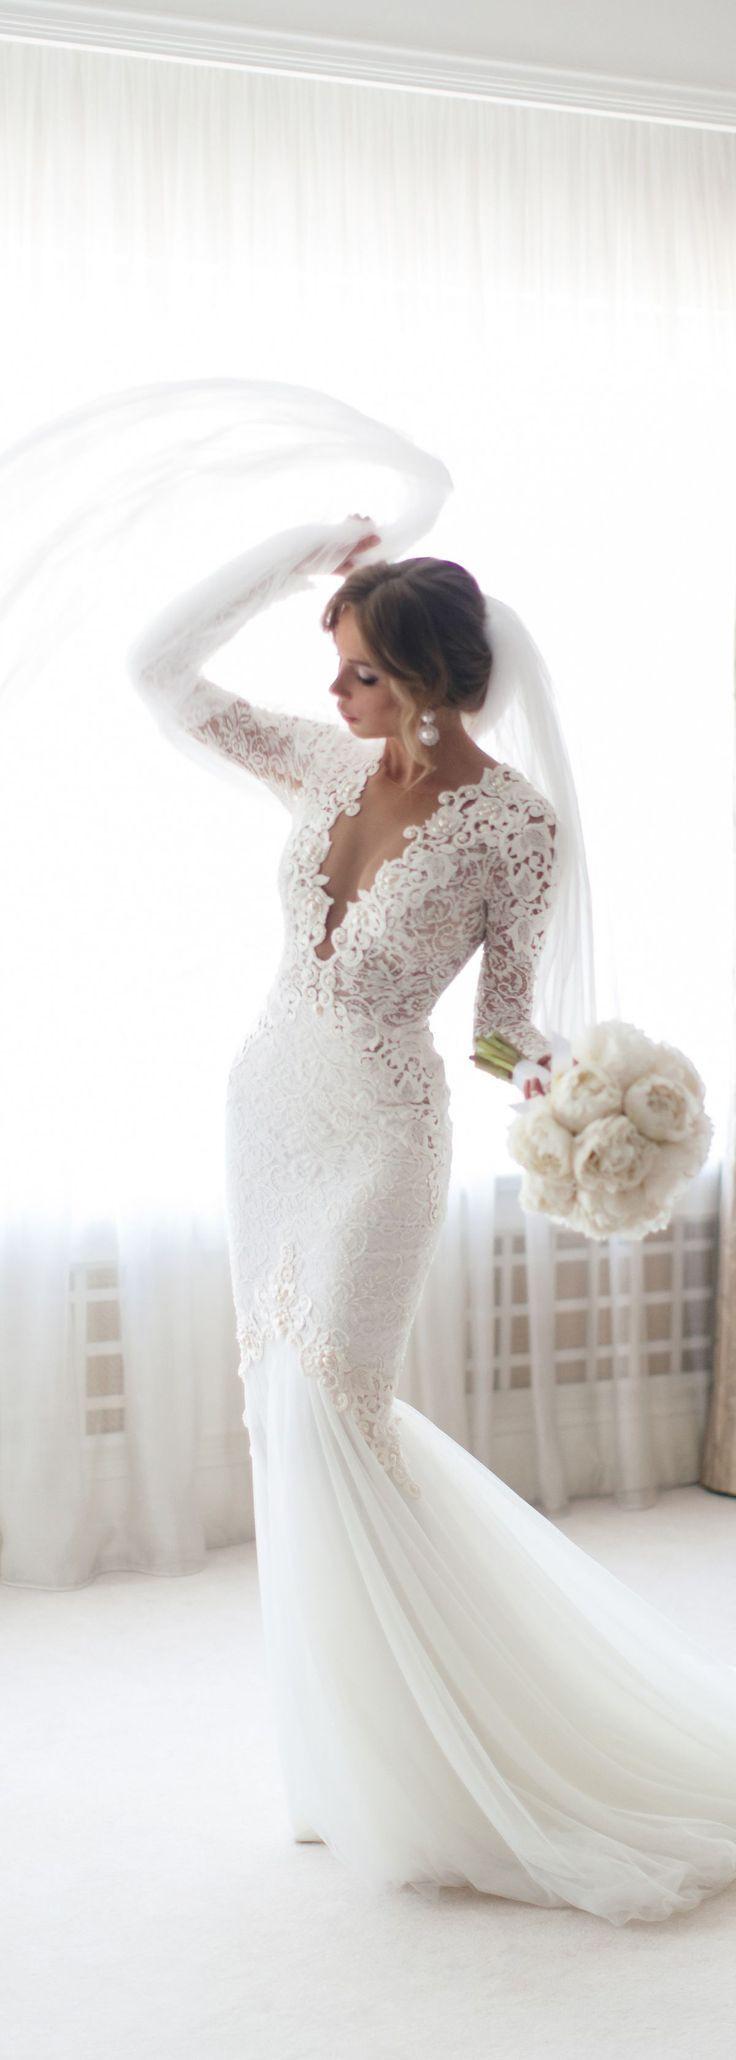 Hochzeit Im Winter Brautkleid 15 Beste Outfits Beste